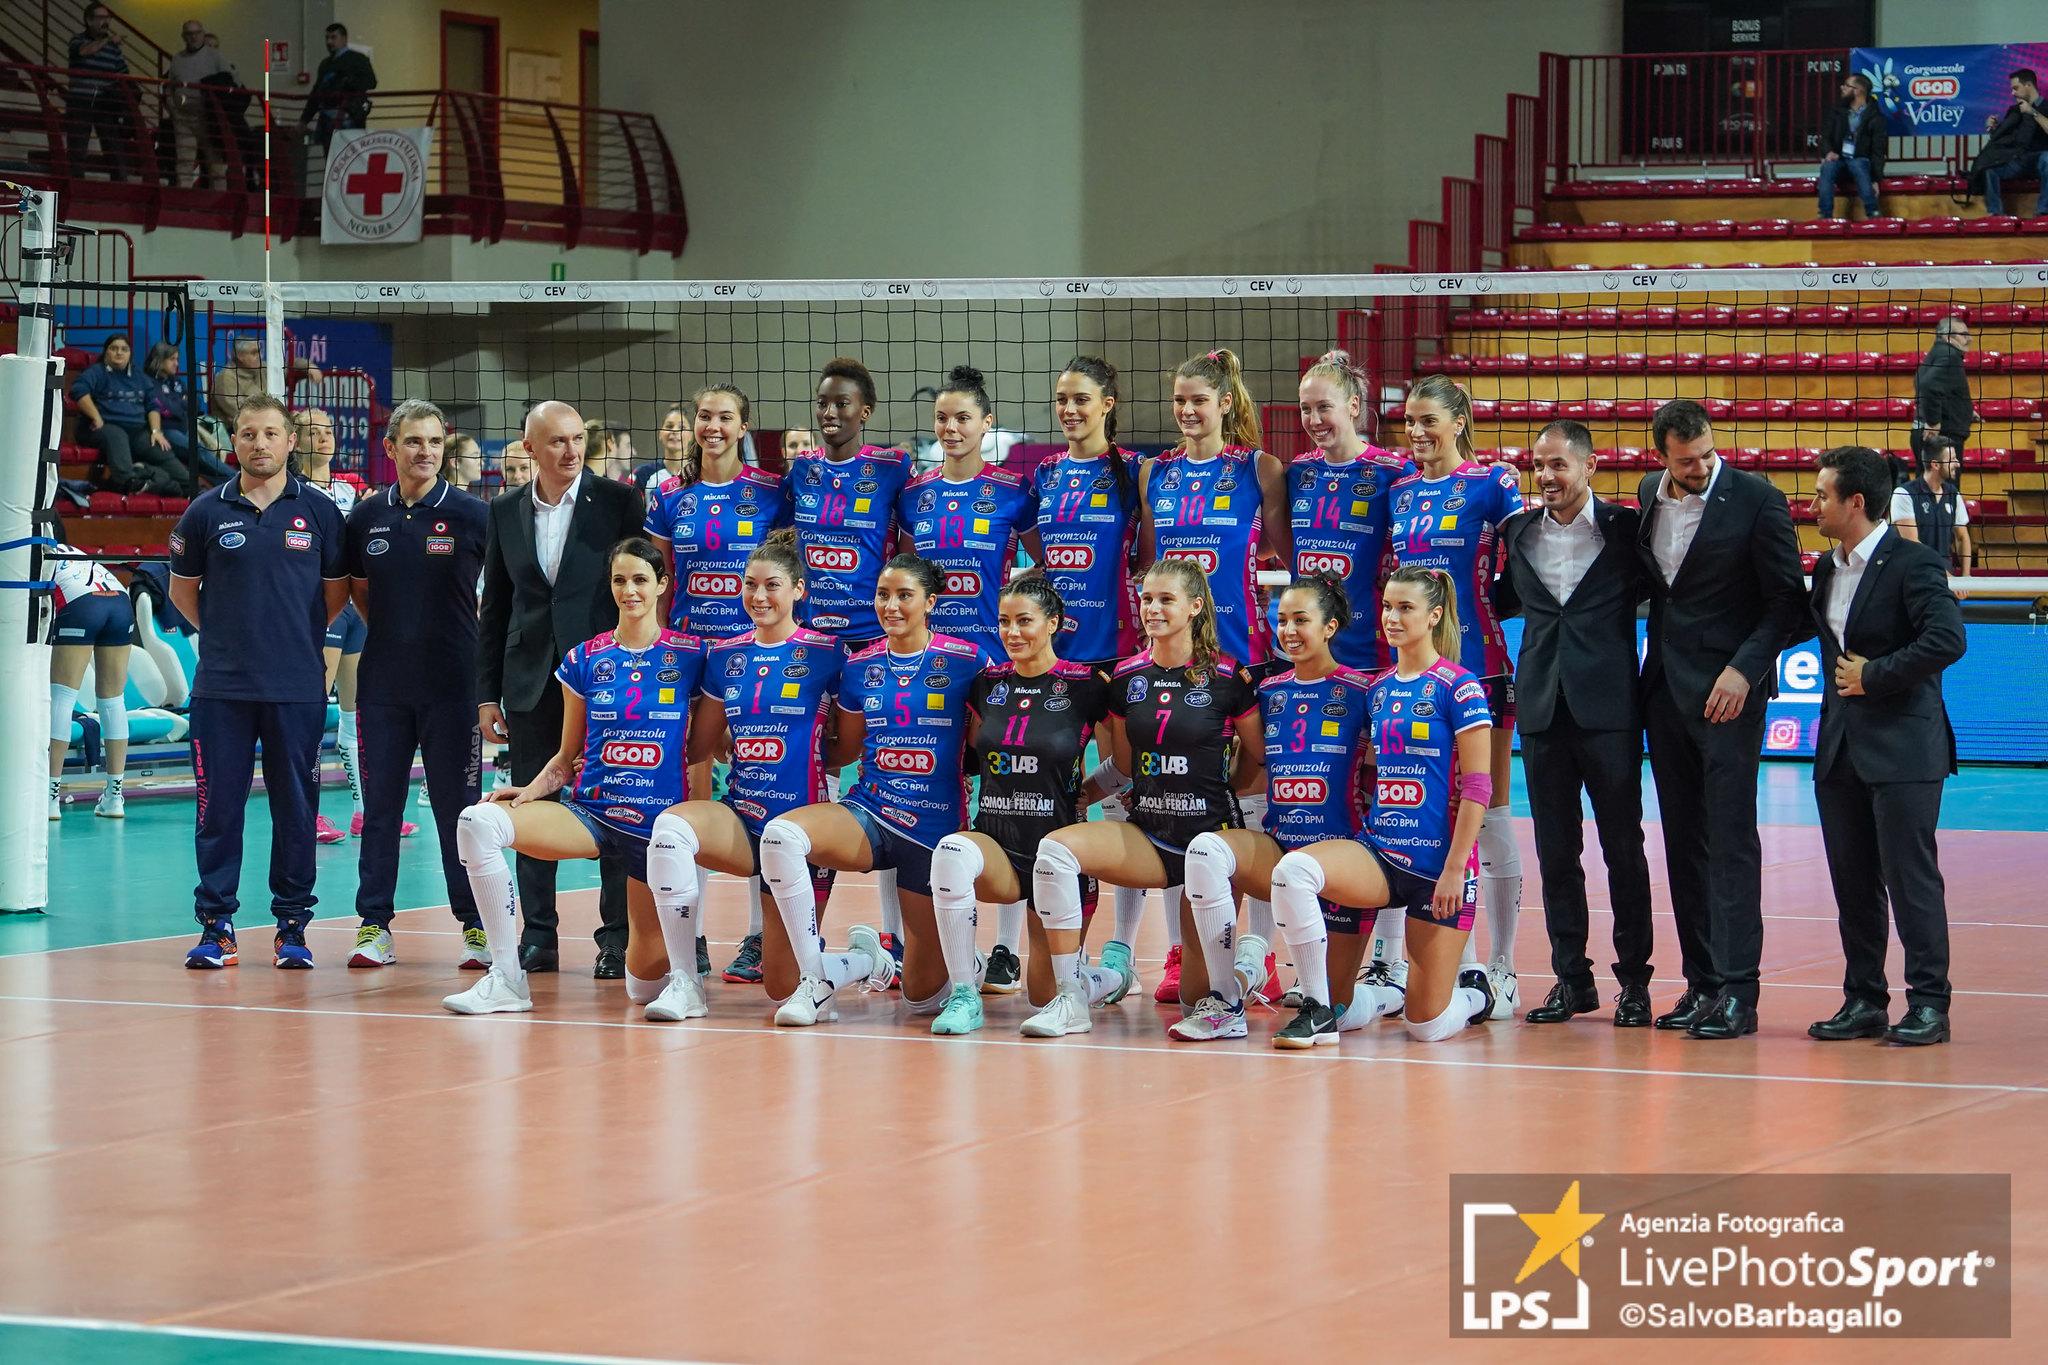 Igor Gorgonzola Novara vs Budowlani Lodz